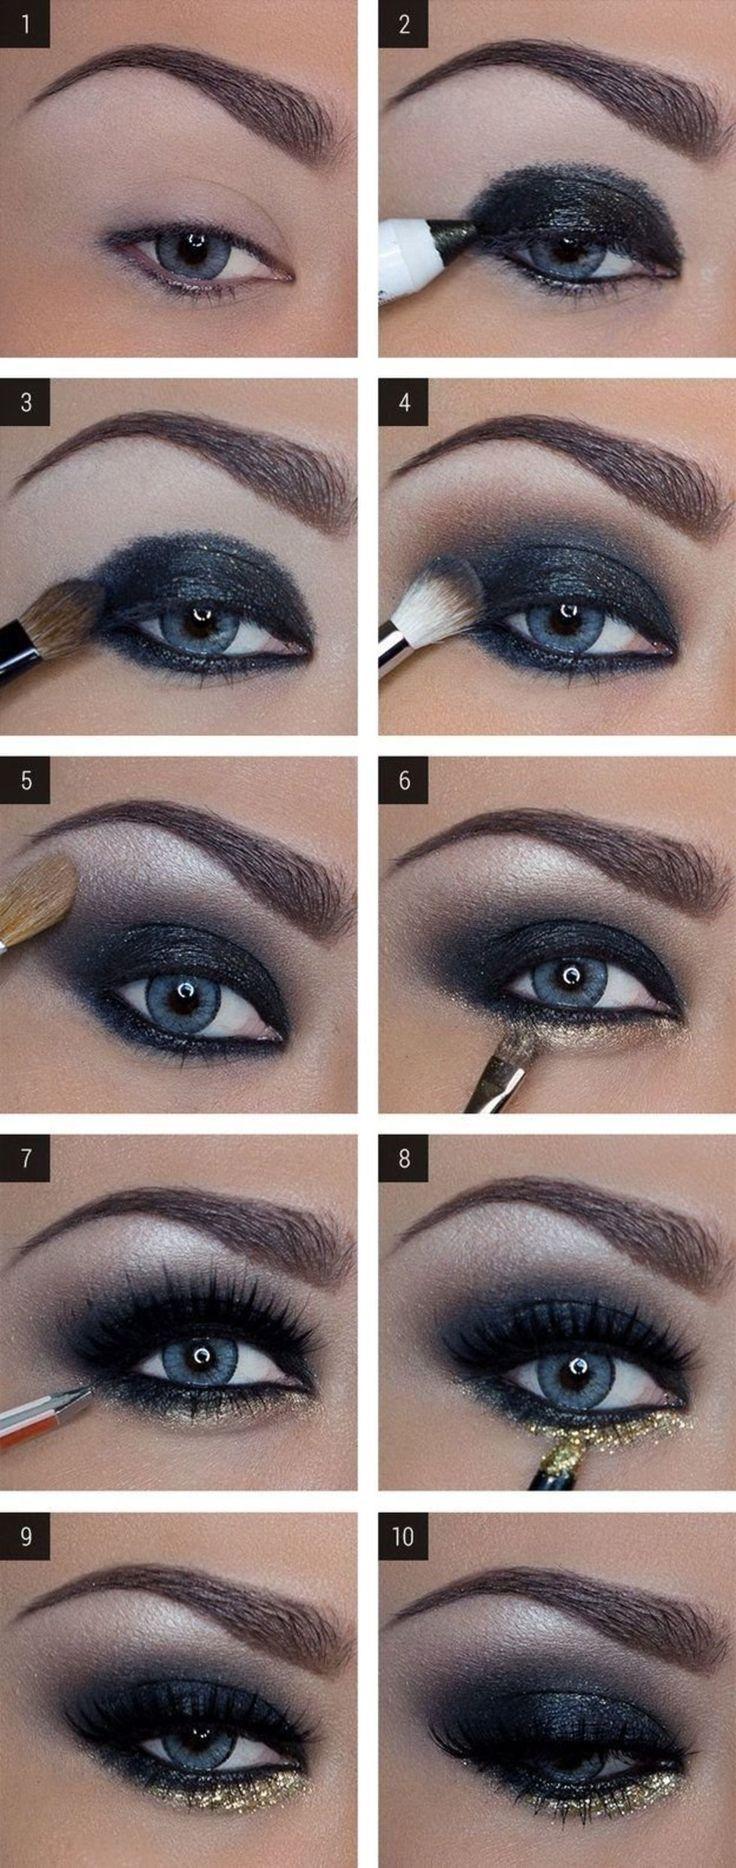 Как красиво накрасить узкие глаза тенями пошаговая инструкция фото